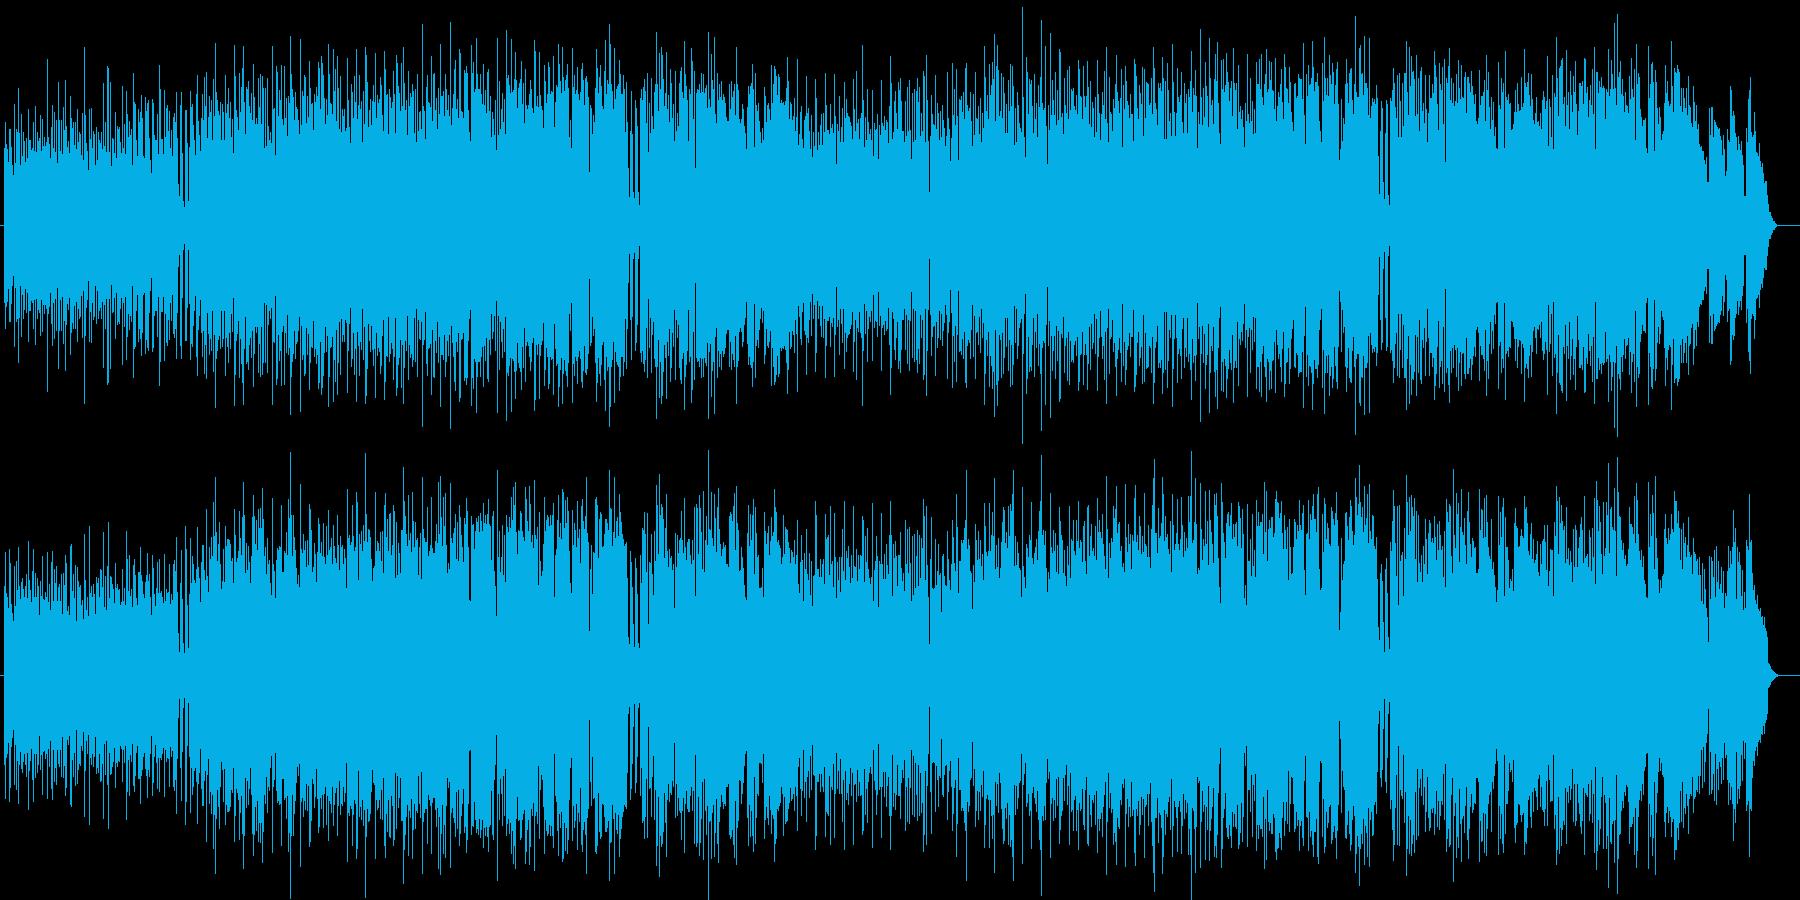 明るく爽やかなシンセギターサウンドの再生済みの波形